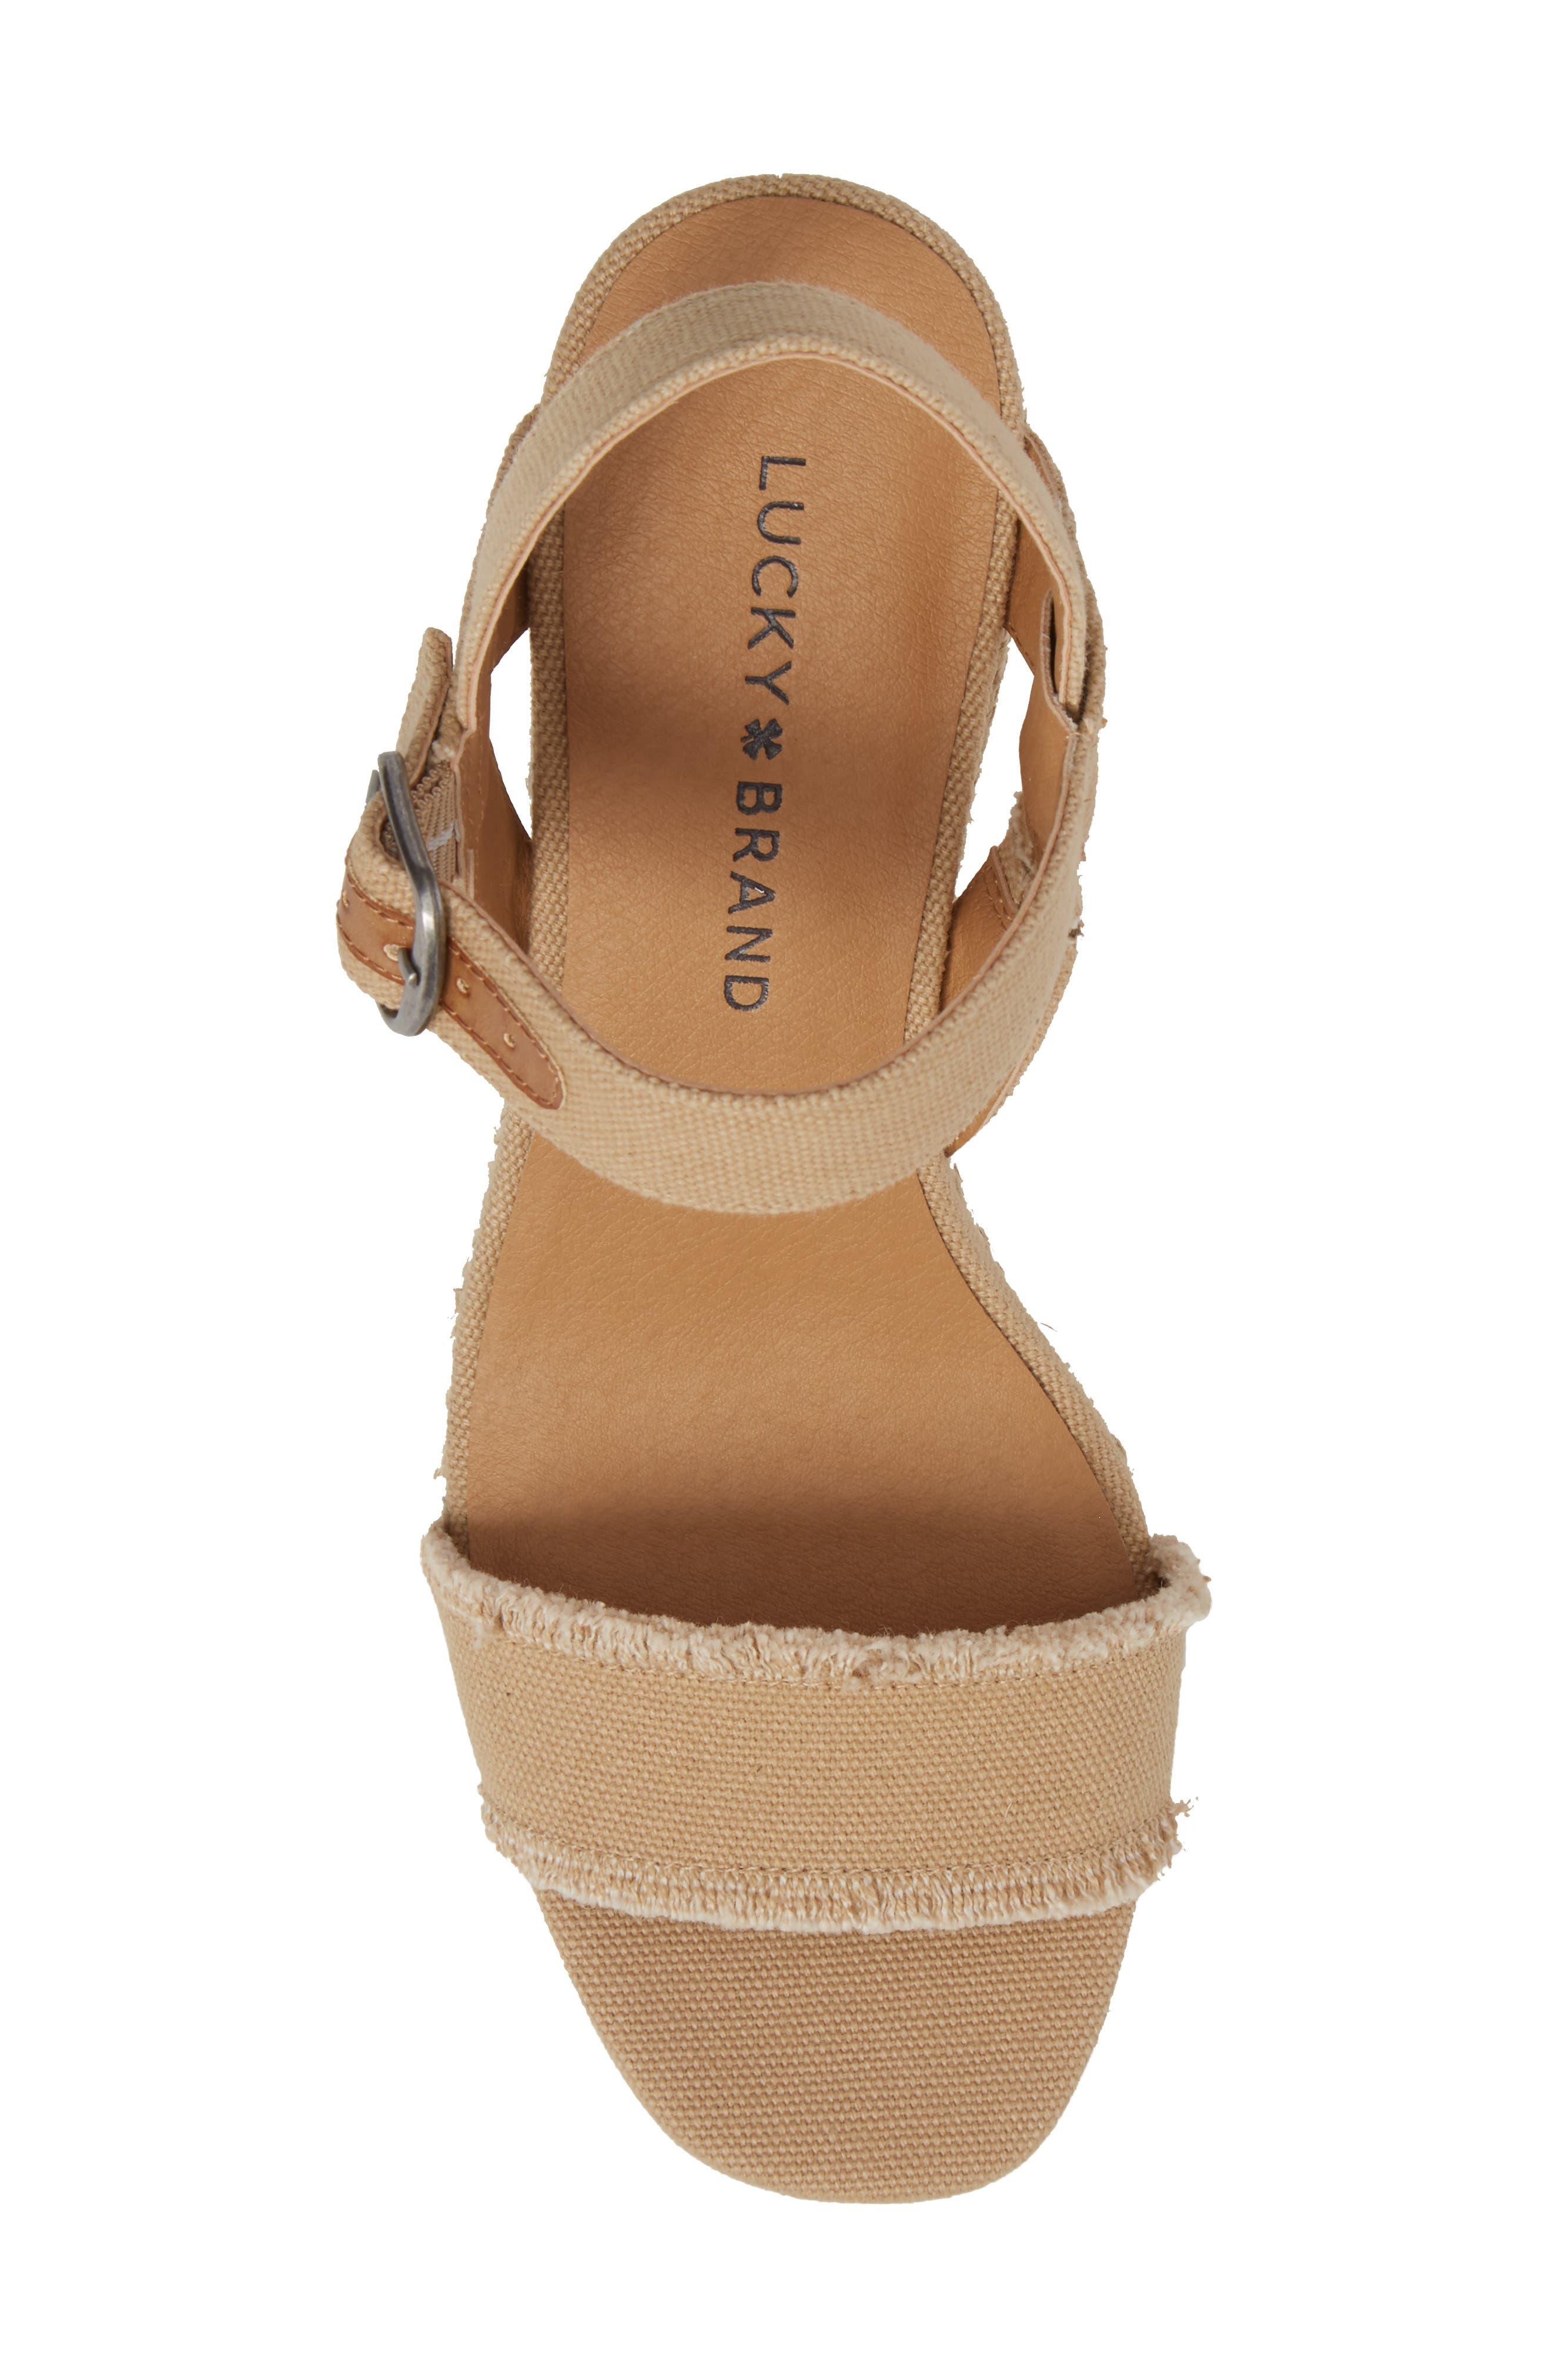 Marceline Squared Toe Wedge Sandal,                             Alternate thumbnail 31, color,